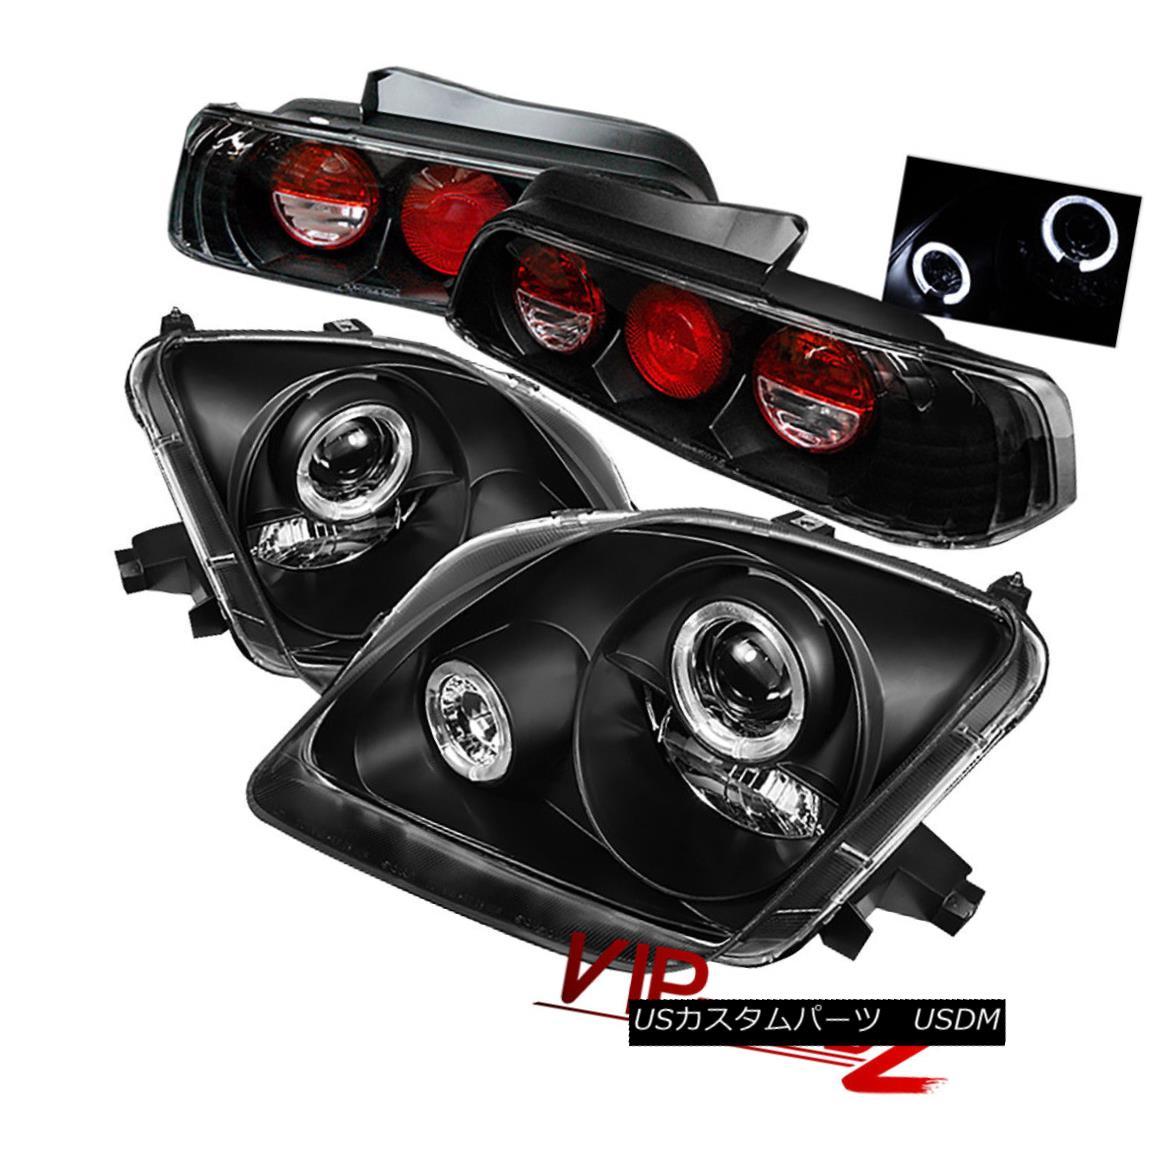 ヘッドライト Halo Projector Headlight+Black Altezza Tail Lamp 97-01 Prelude H22/H23 JDM VTEC ハロープロジェクターヘッドライト+ Blac  k Altezzaテールランプ97-01予告編H22 / H23 JDM VTEC